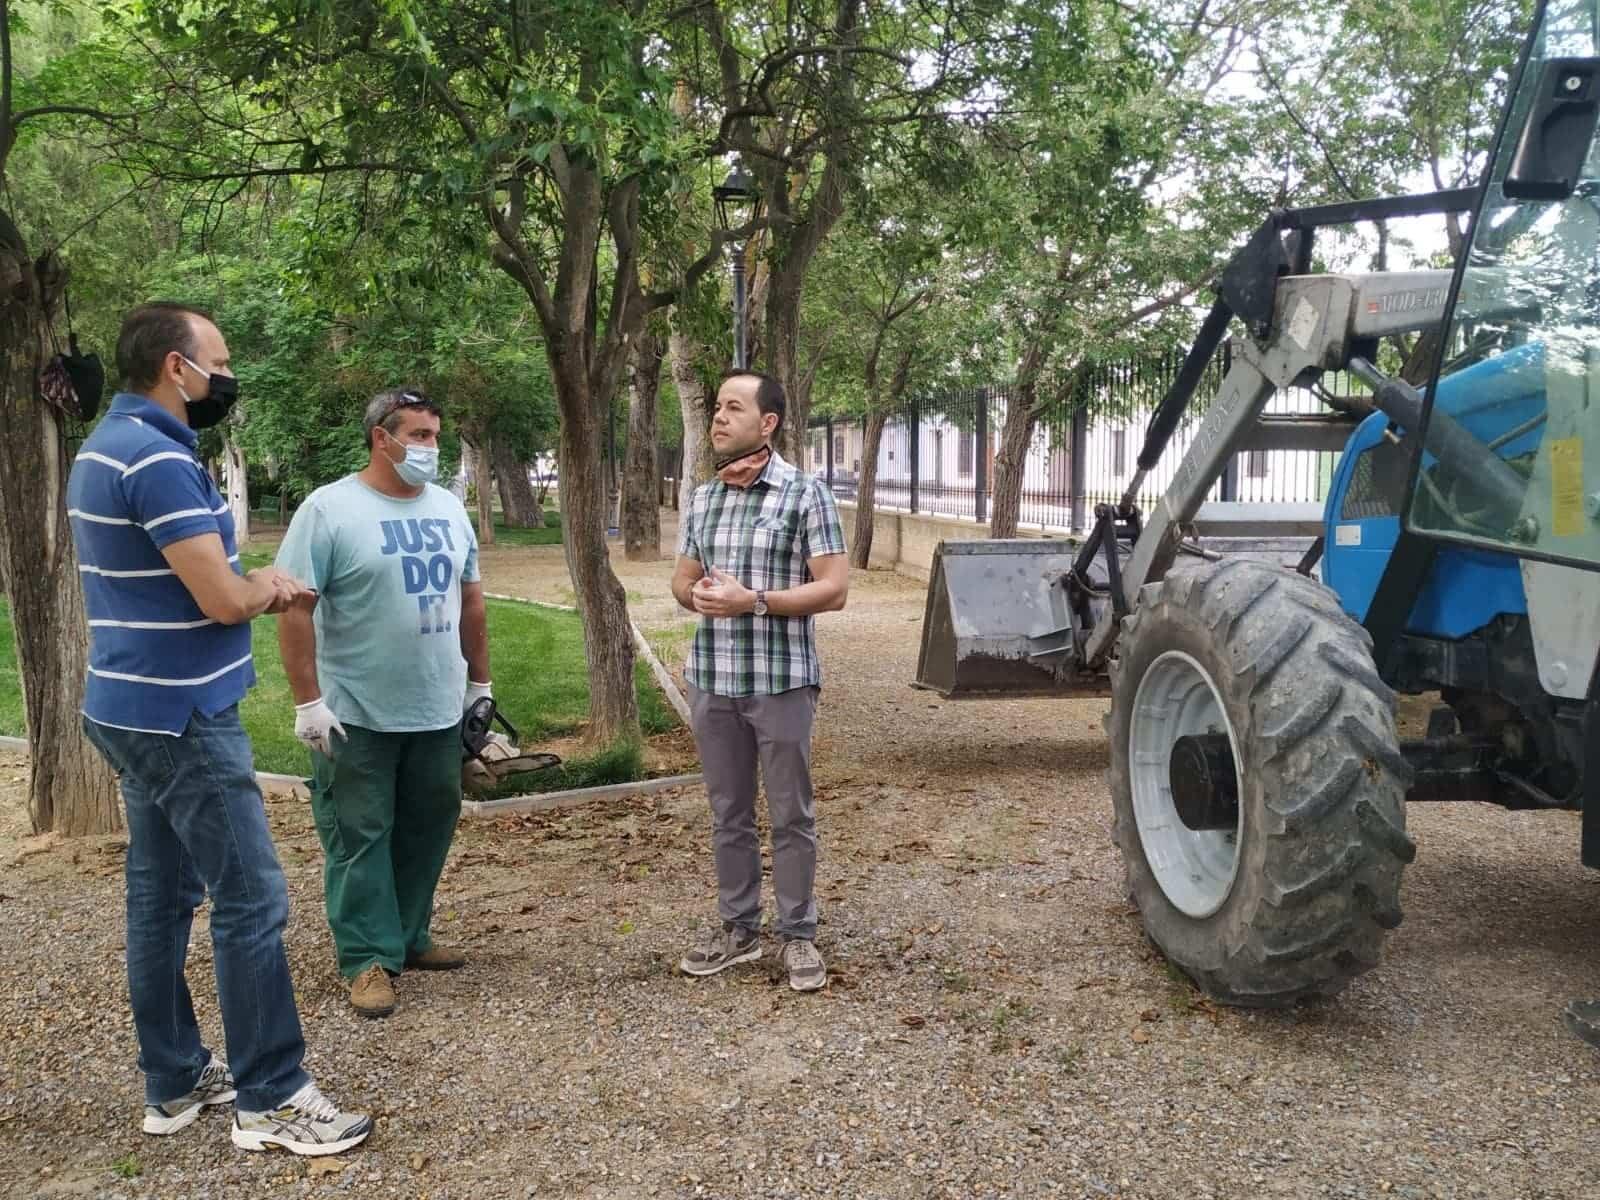 remodelacion parque municipal herencia 4 - El Parque Municipal de Herencia finaliza sus obras de remodelación